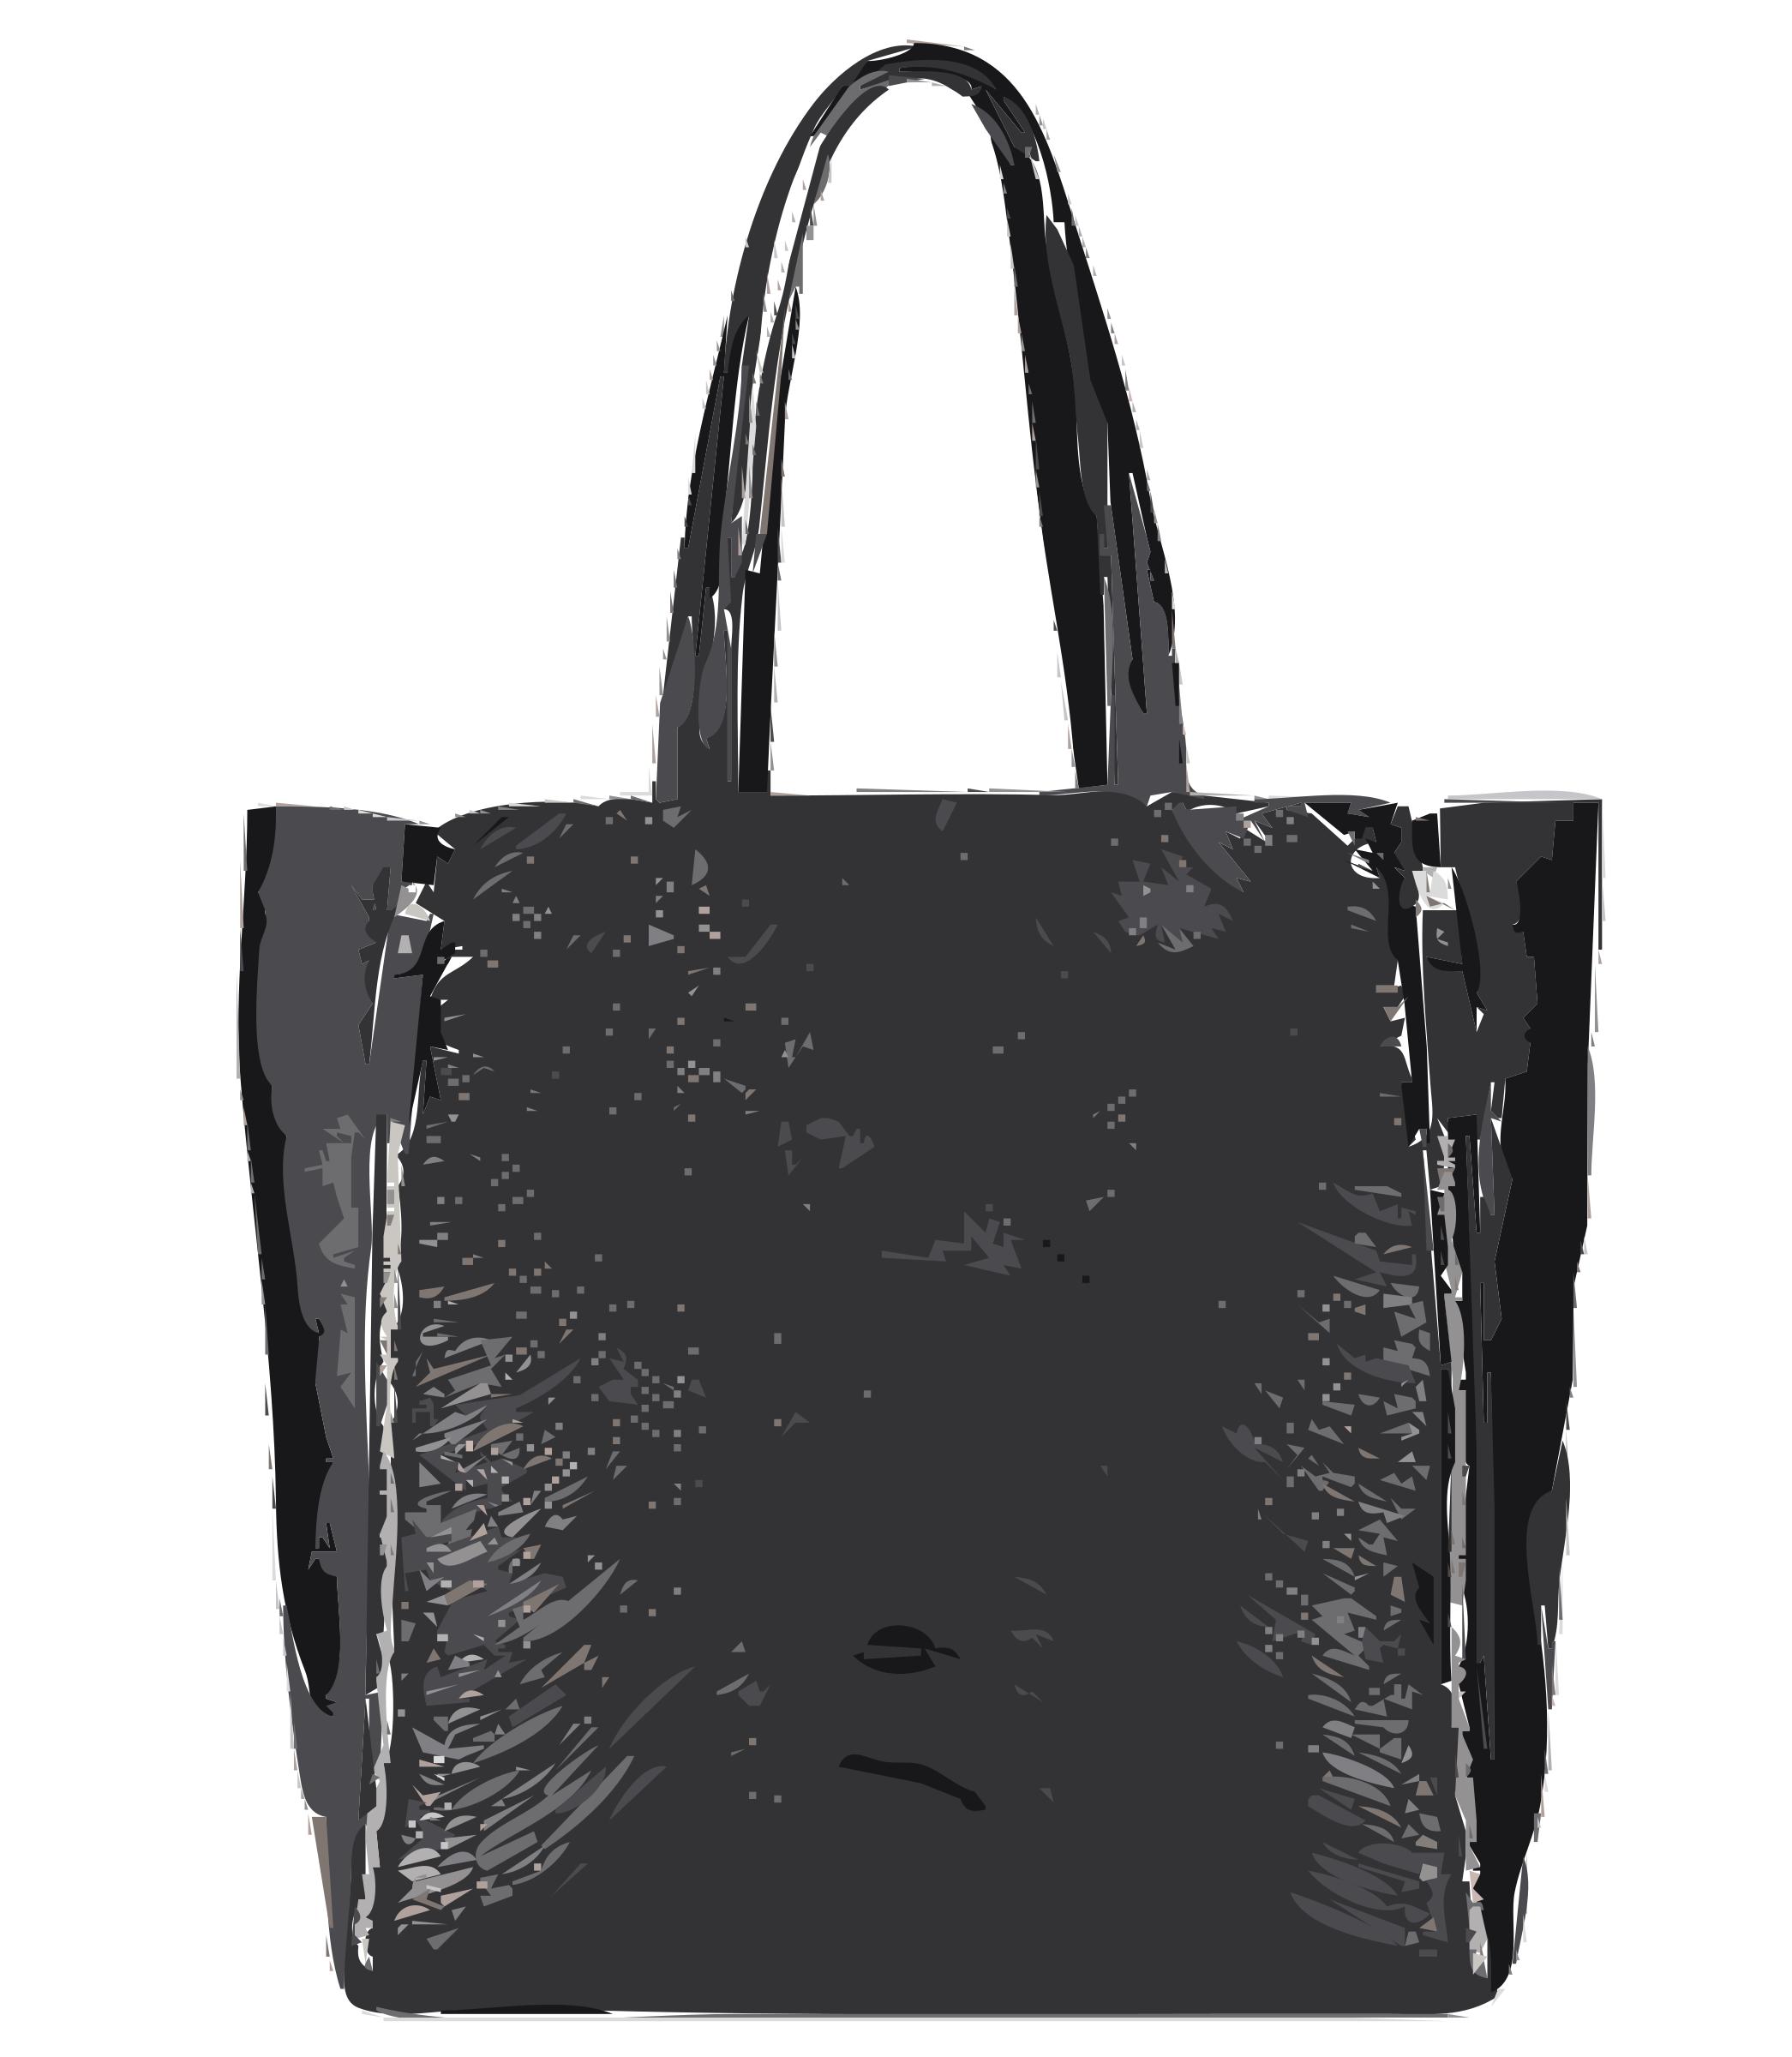 Purse clipart tote bag Clipart no No tote Black